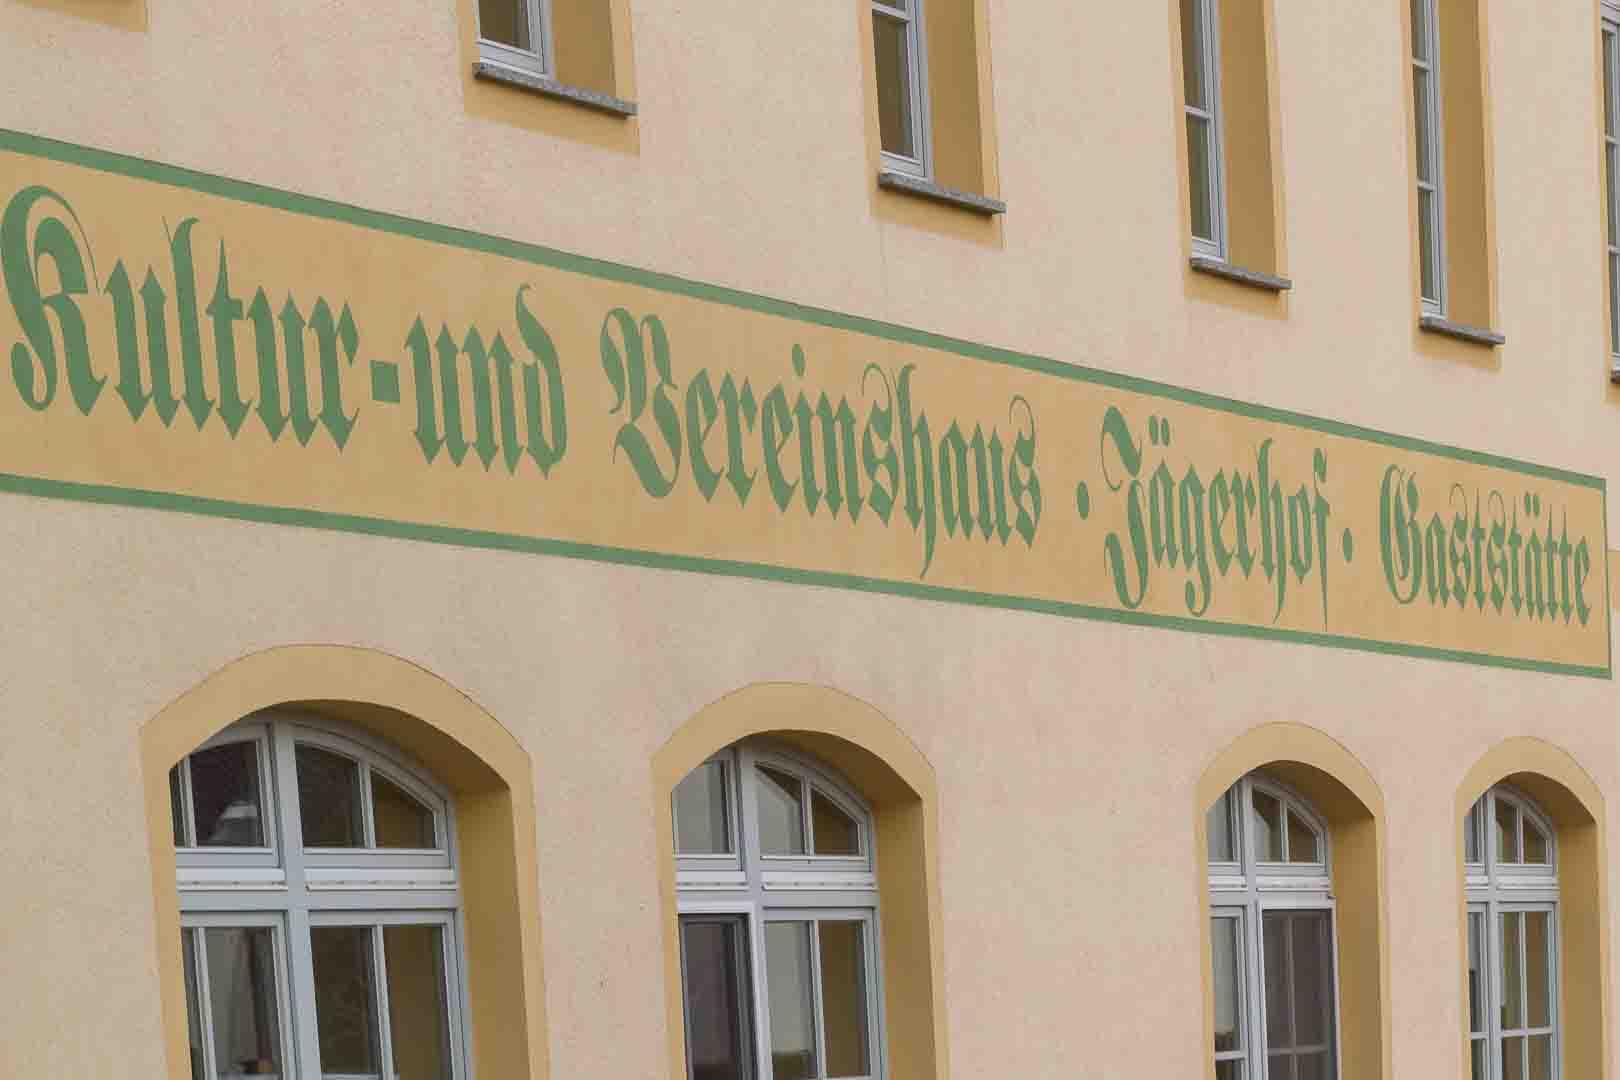 Jägerhof Wiednitz